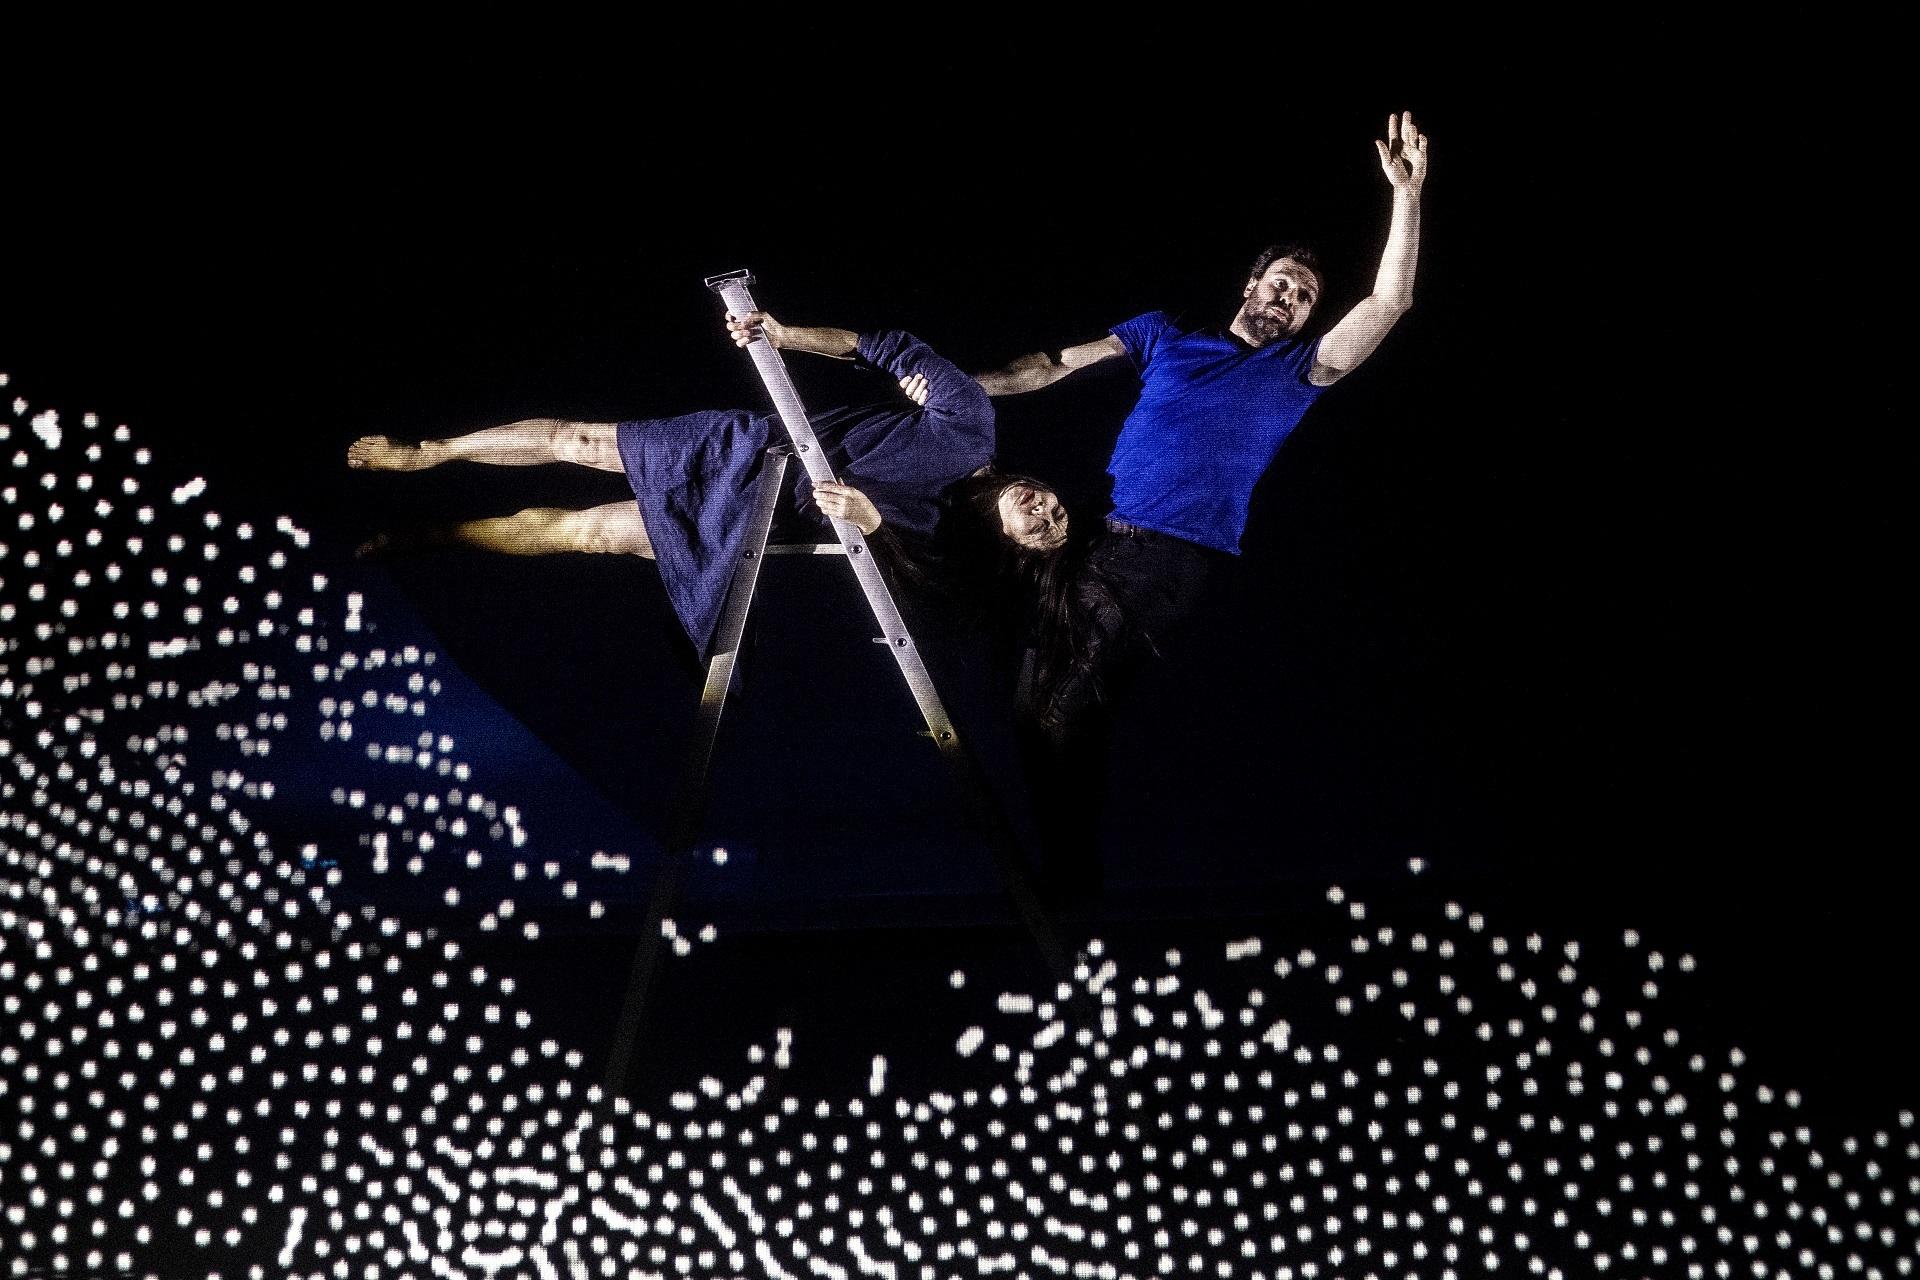 Dans une maison de pixels, un couple se confronte à la montée des eaux. Leur fragile habitat se fait engloutir par une mer d'encre...